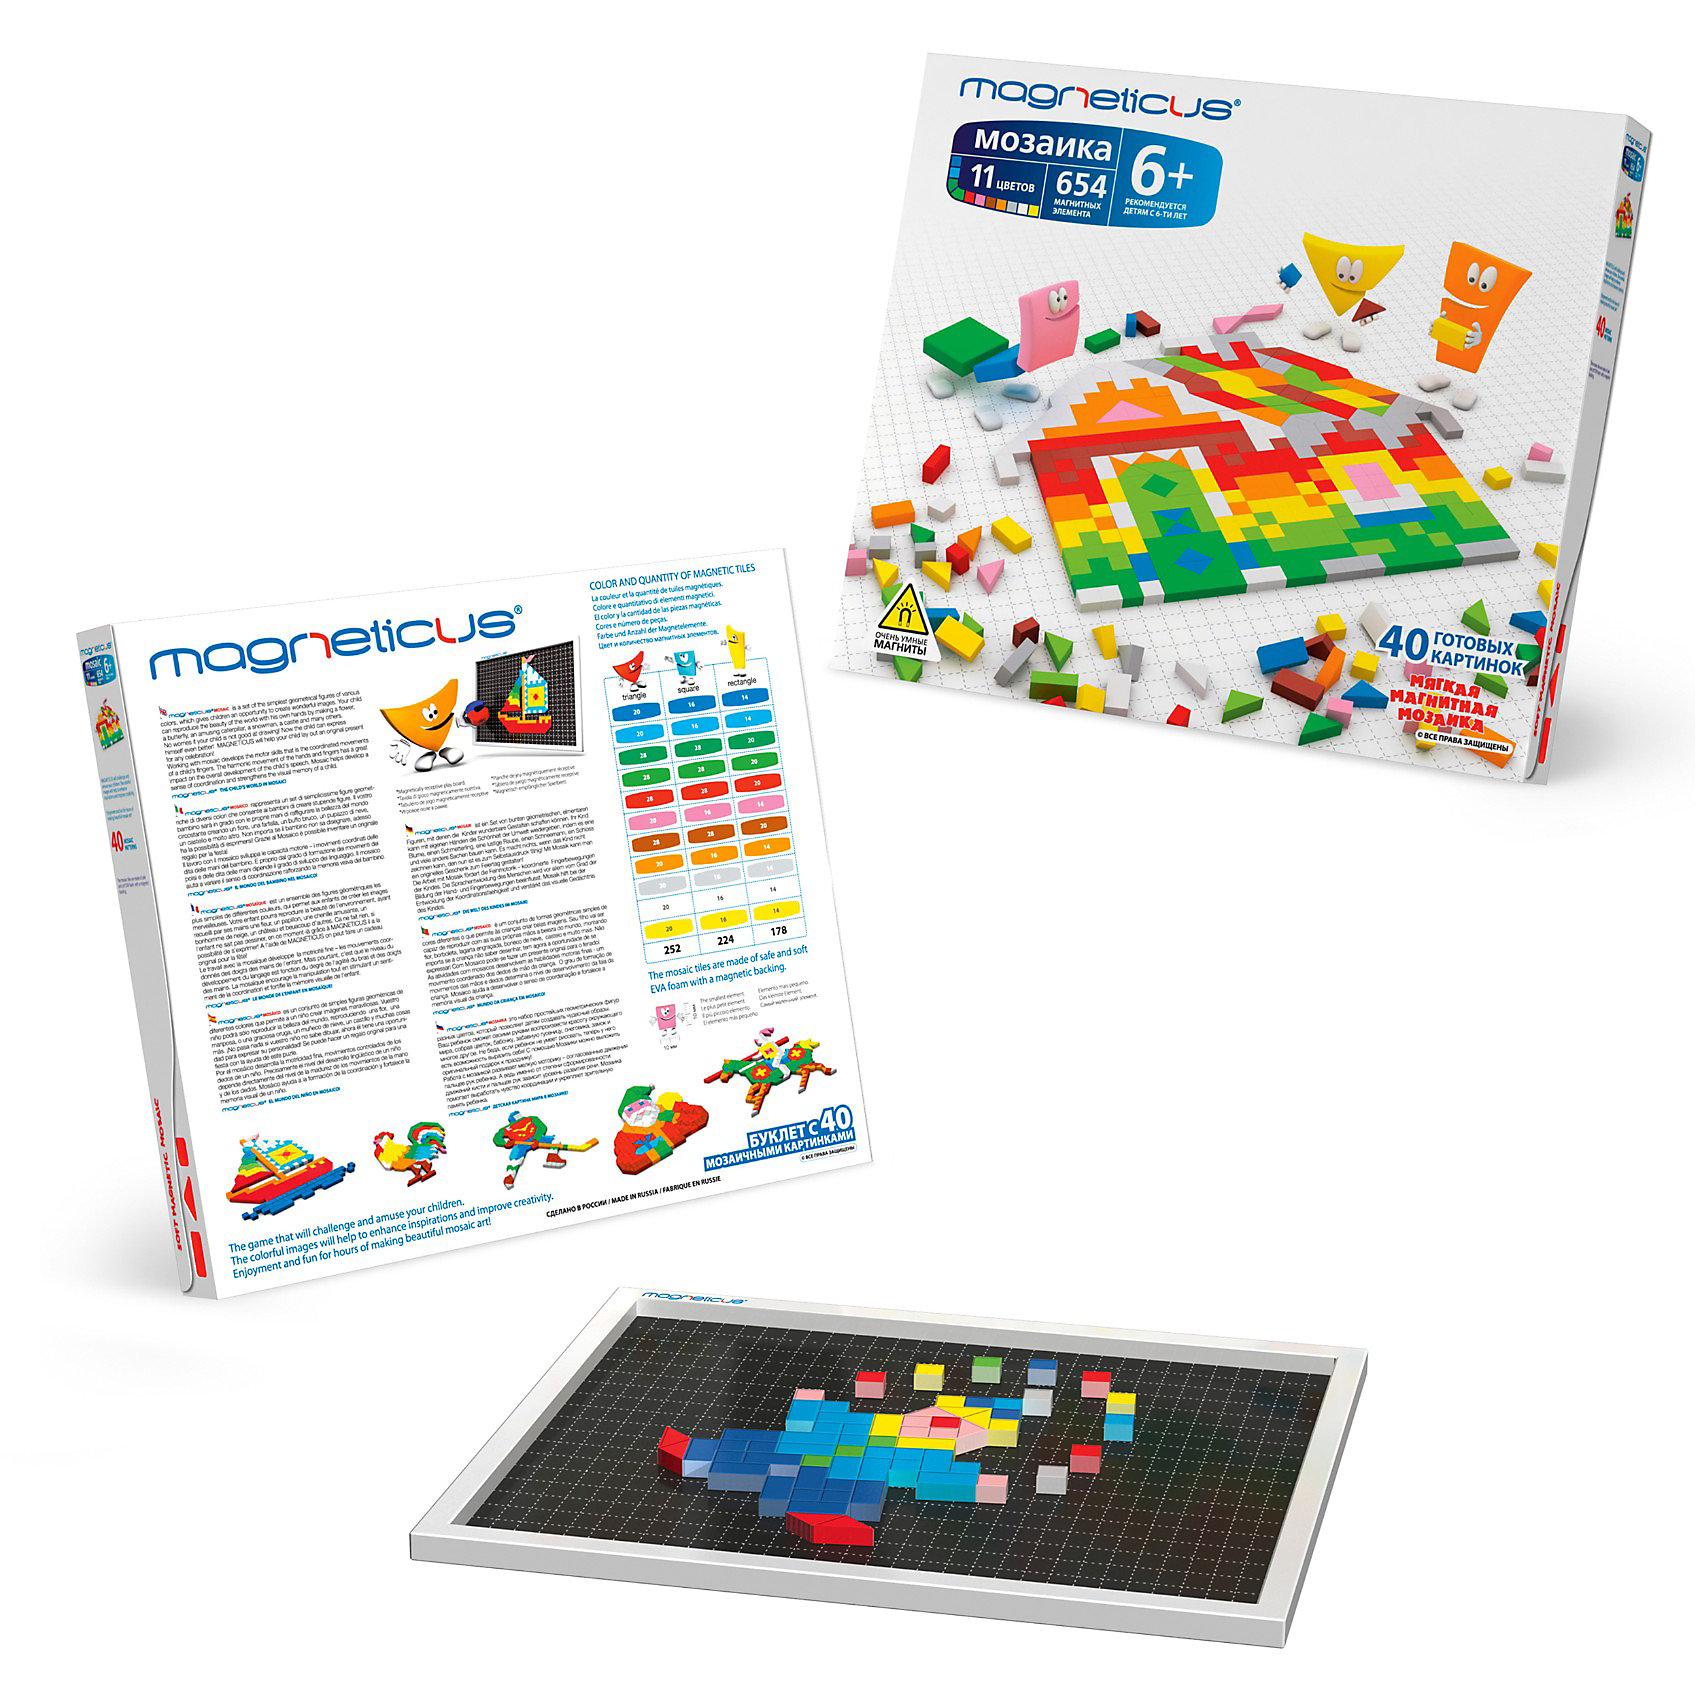 Мозаика магнитная , 654 элементов,  MagneticusМозаика магнитная, 654 элемента, Magneticus (Магнетикус) – увлекательная мозаика с множеством элементов, которая поможет ребенку выразить себя через создание разнообразных образов.<br><br>Эта мозаика подойдет для детей постарше, в ней много деталей, а значит и больше разнообразных сюжетов. Ребенок сможет собирать картинки как по предложенным образцам, тренируя внимание, так и создавать свои неповторимые узоры. Безграничный полет фантазии!<br><br>Комплектация:<br>- 654 детали на магнитной основе<br>- планшет-основа в рамке<br>- 40 картинок-образов<br><br>Дополнительная информация:<br>- размер упаковки: 37,5х42,5х3 см<br>- вес: 840 г<br>- материал деталей: эластичный полимерный материал<br><br>Мозаика магнитная, 654 элемента, Magneticus (Магнетикус) будет способствовать развитию воображения, творческих способностей, логического мышления, логики и усидчивости. <br><br>Мозаика магнитная, 654 элемента, Magneticus (Магнетикус) можно купить в нашем магазине.<br><br>Ширина мм: 425<br>Глубина мм: 375<br>Высота мм: 30<br>Вес г: 800<br>Возраст от месяцев: 72<br>Возраст до месяцев: 96<br>Пол: Унисекс<br>Возраст: Детский<br>SKU: 3574586